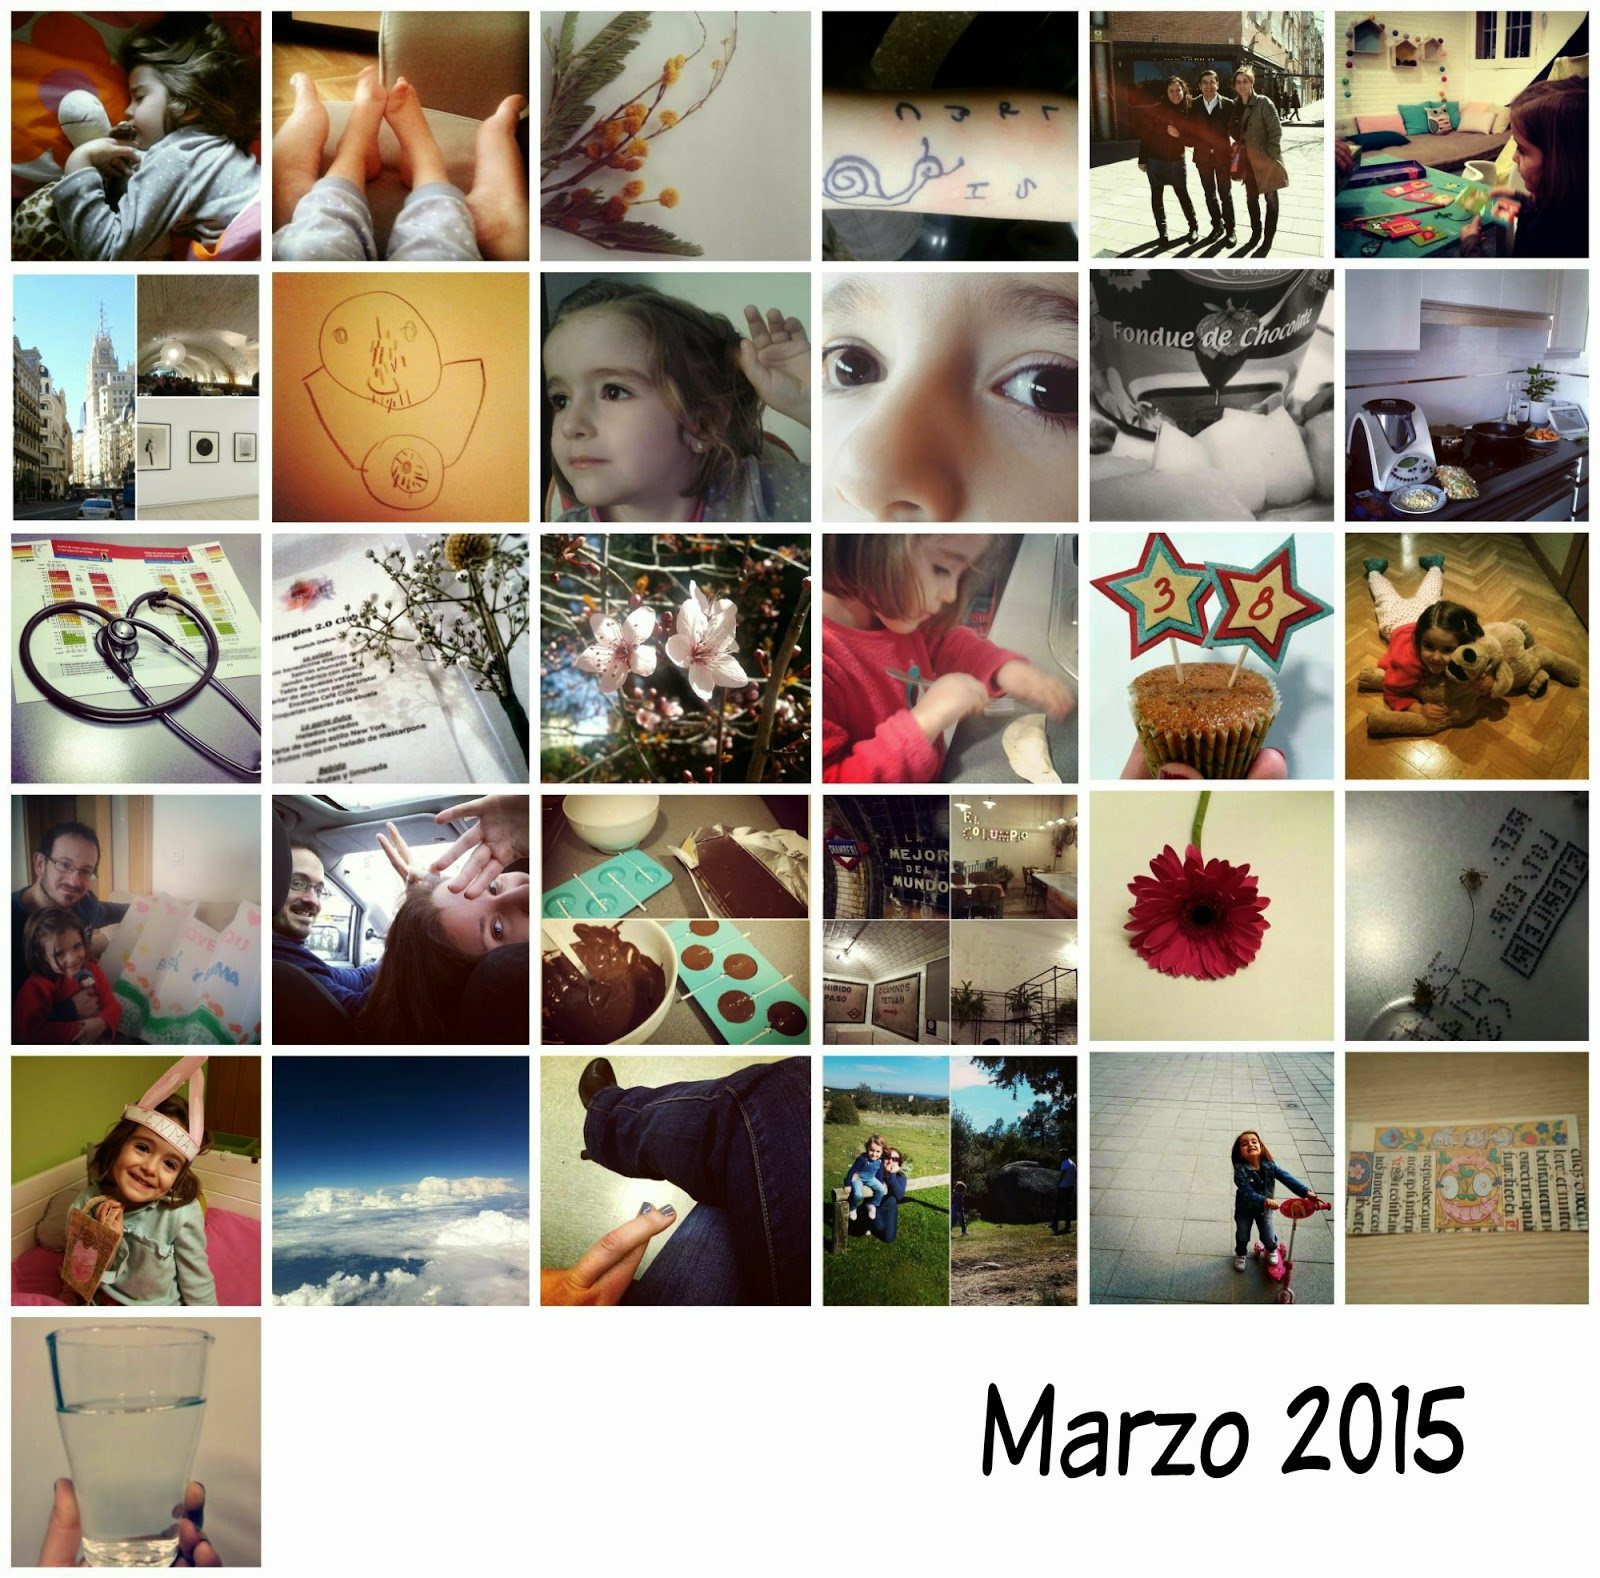 Marzo 2015 en fotos #365sd #365pd3